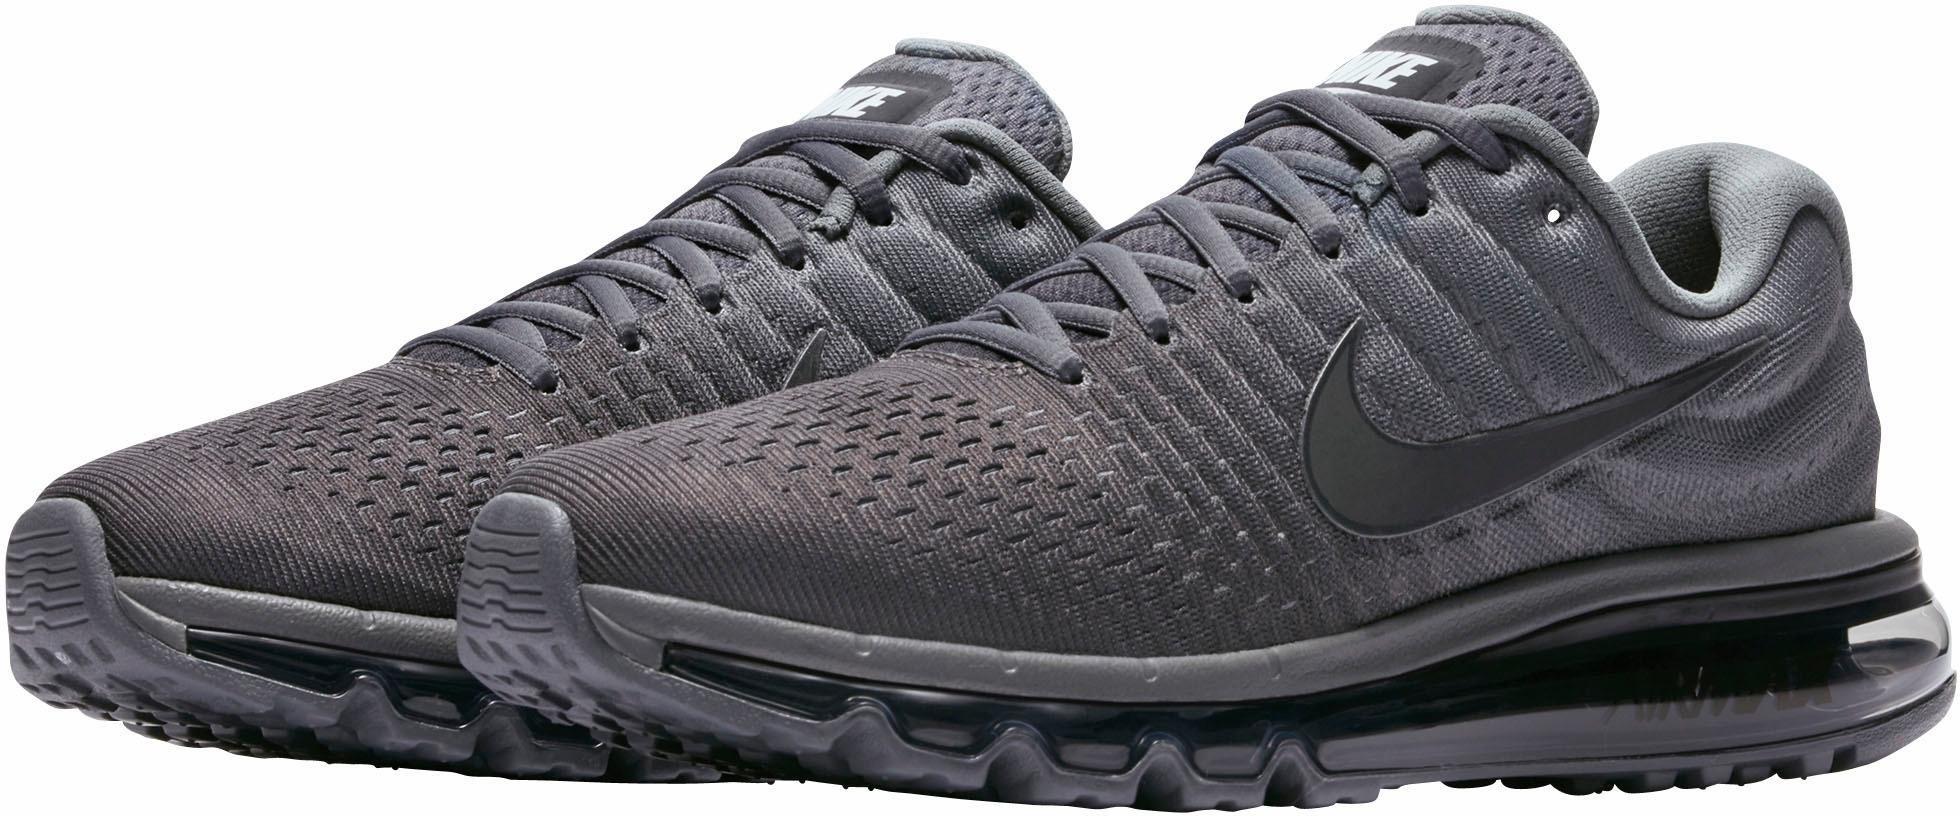 best loved 93d6a 10a59 Nike runningschoenen »Air Max 2017« snel gevonden | OTTO